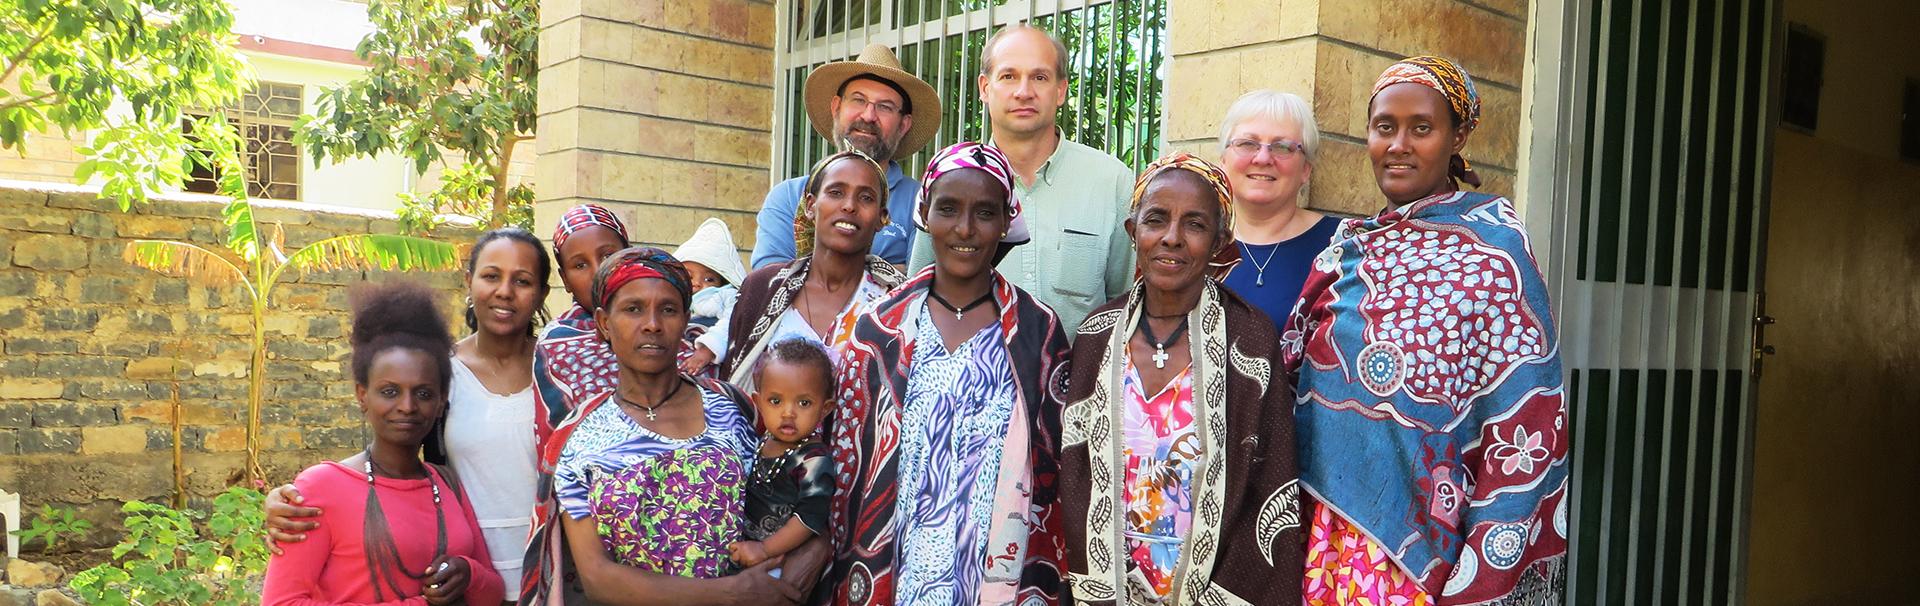 Healing Hands People in Ethiopia - Header